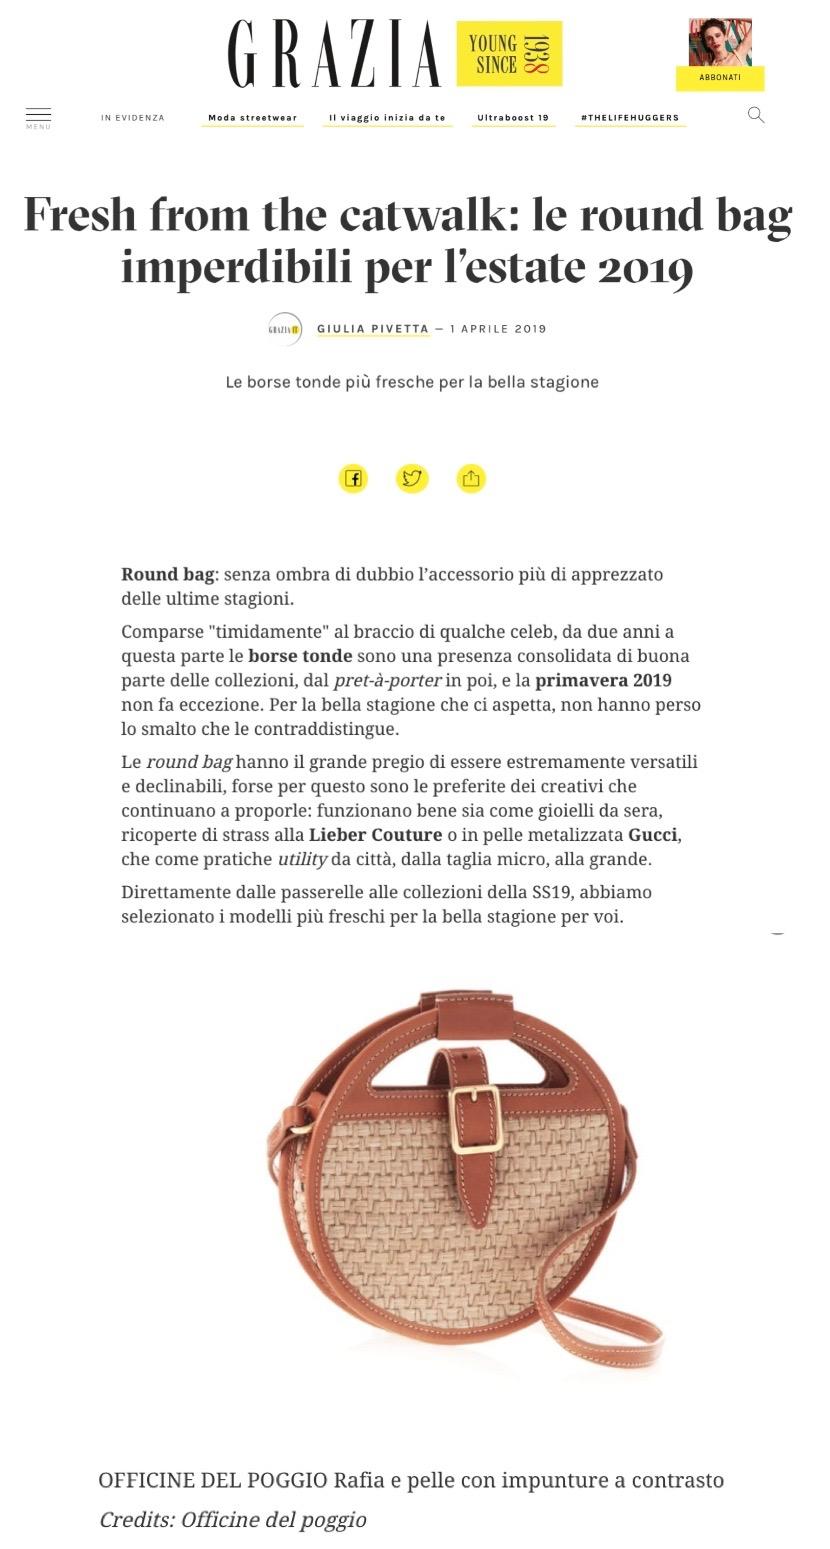 GRAZIA_Italia_Officina_del_Poggio_MicroTamburo.jpg